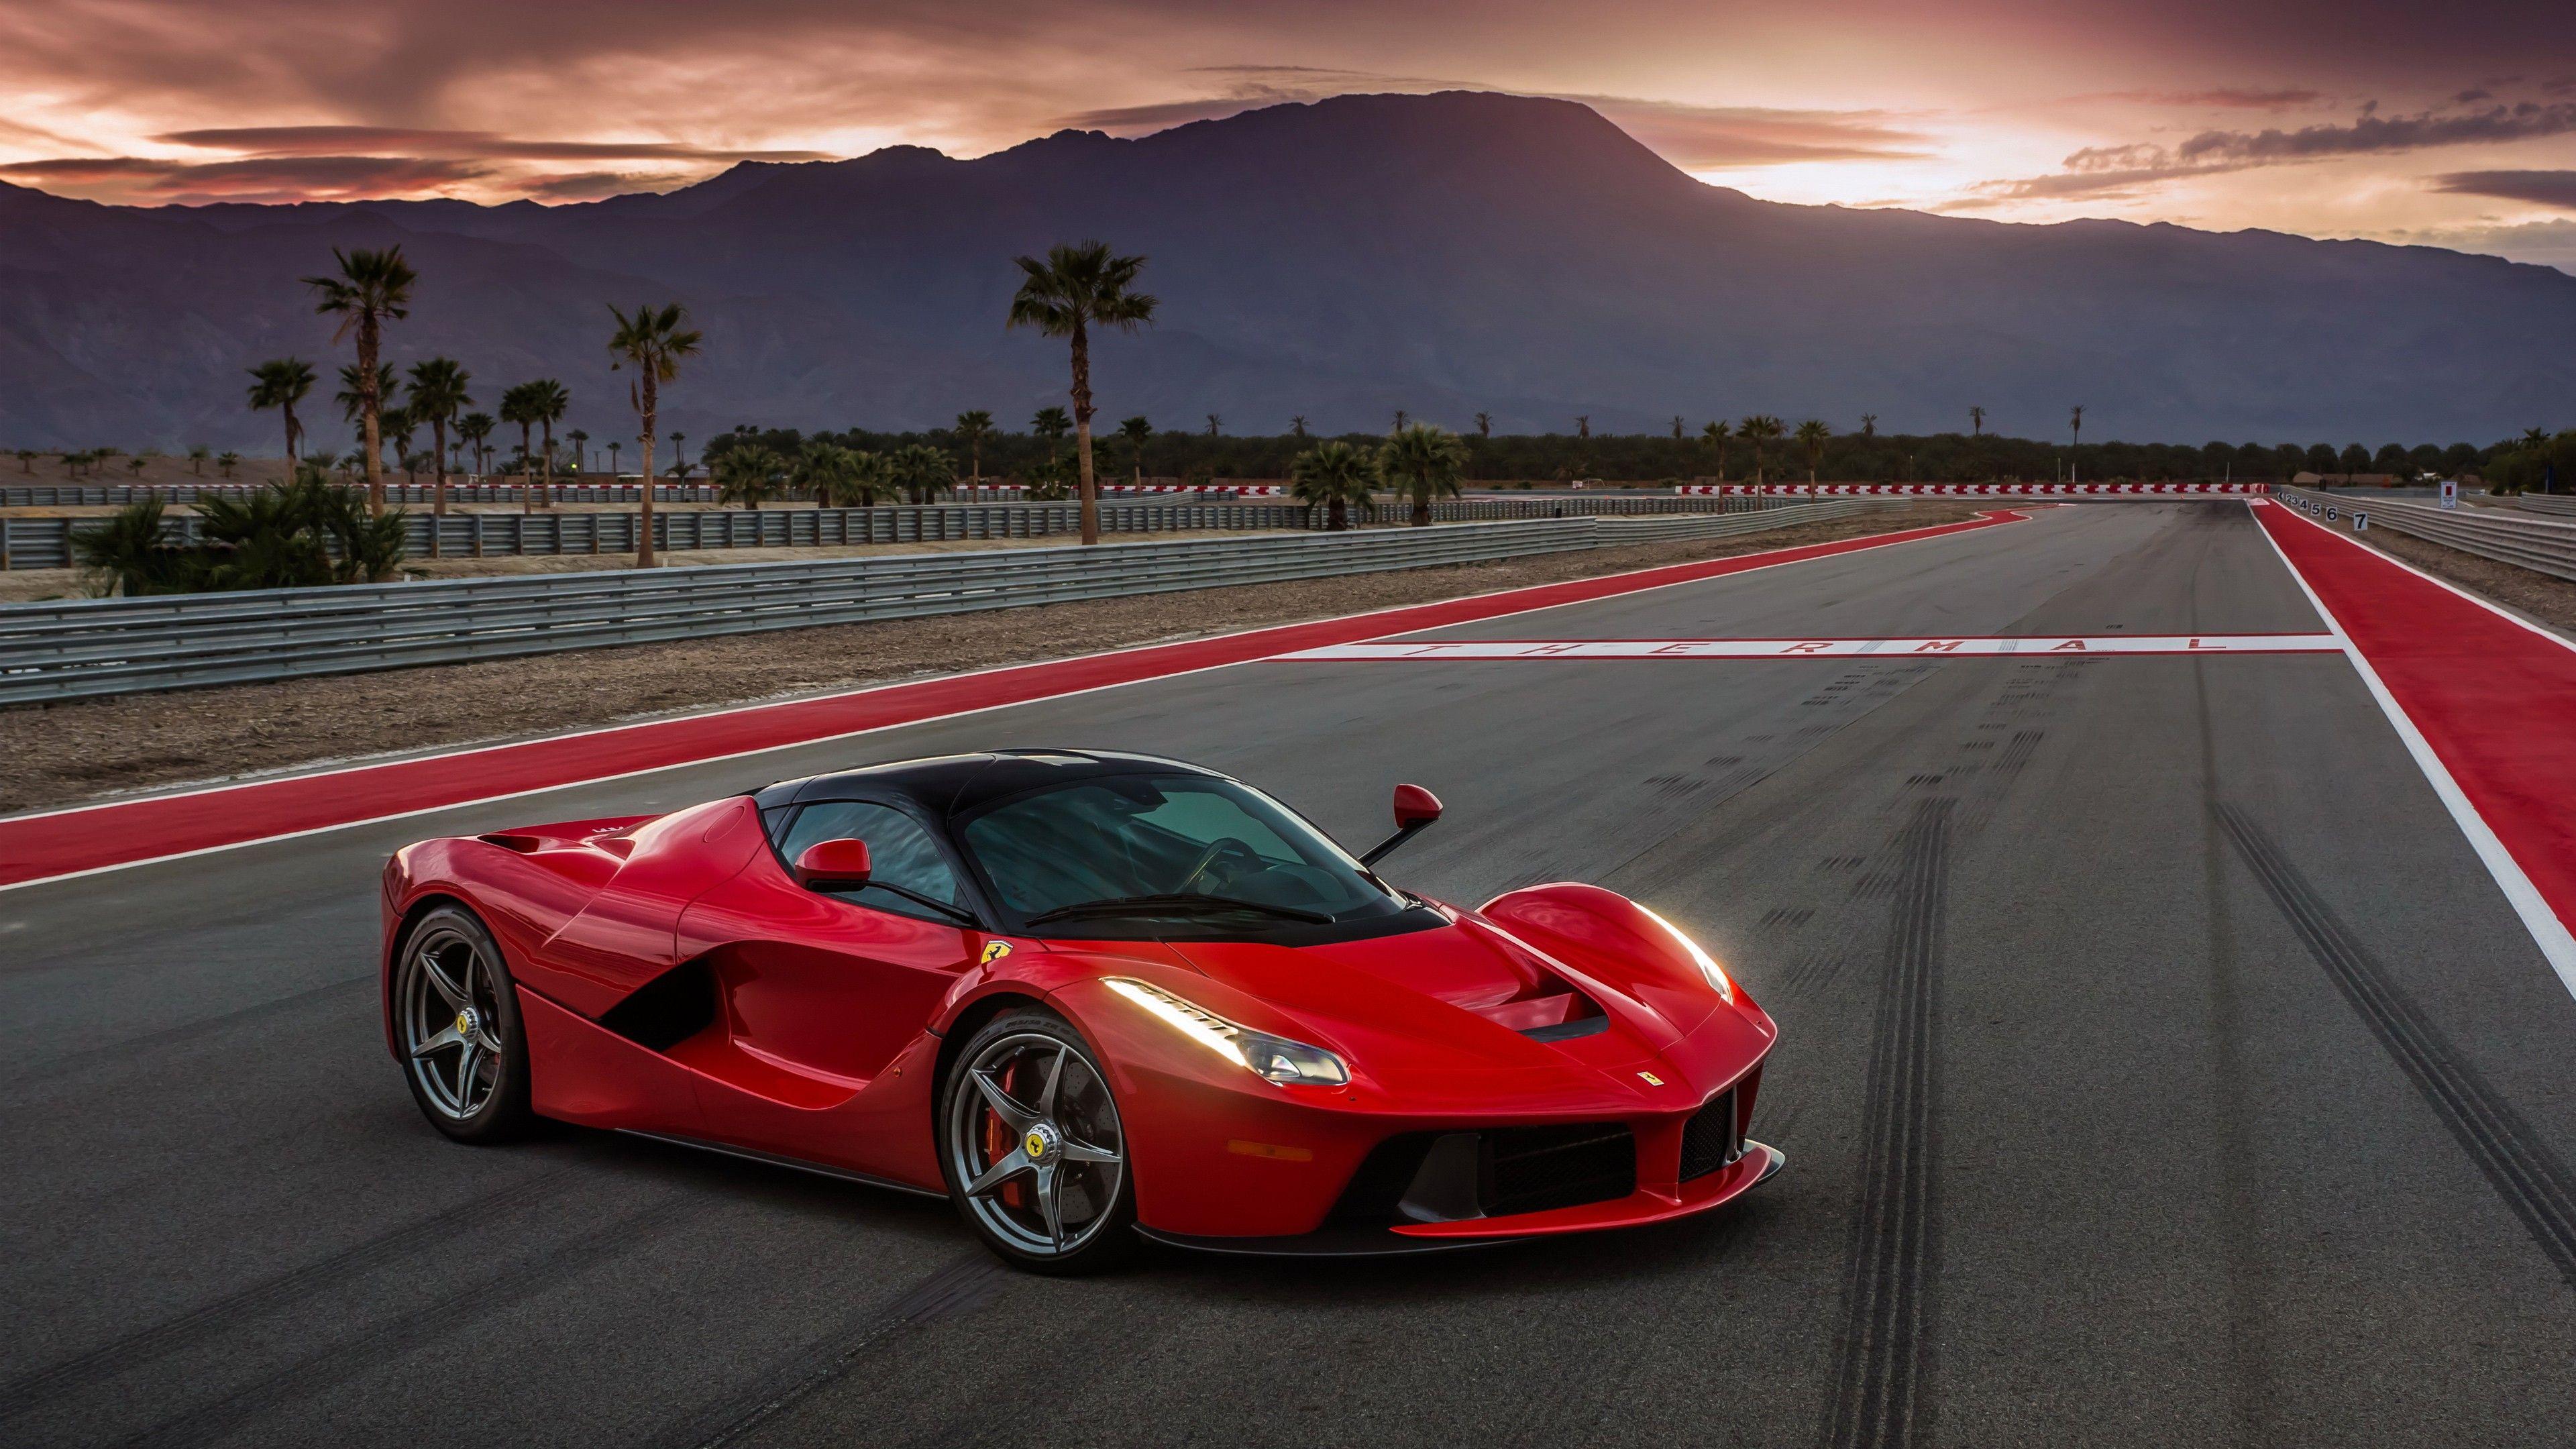 Stunning Ferrari Laferrari 4k Wallpaper 3840x2160 Ferrari